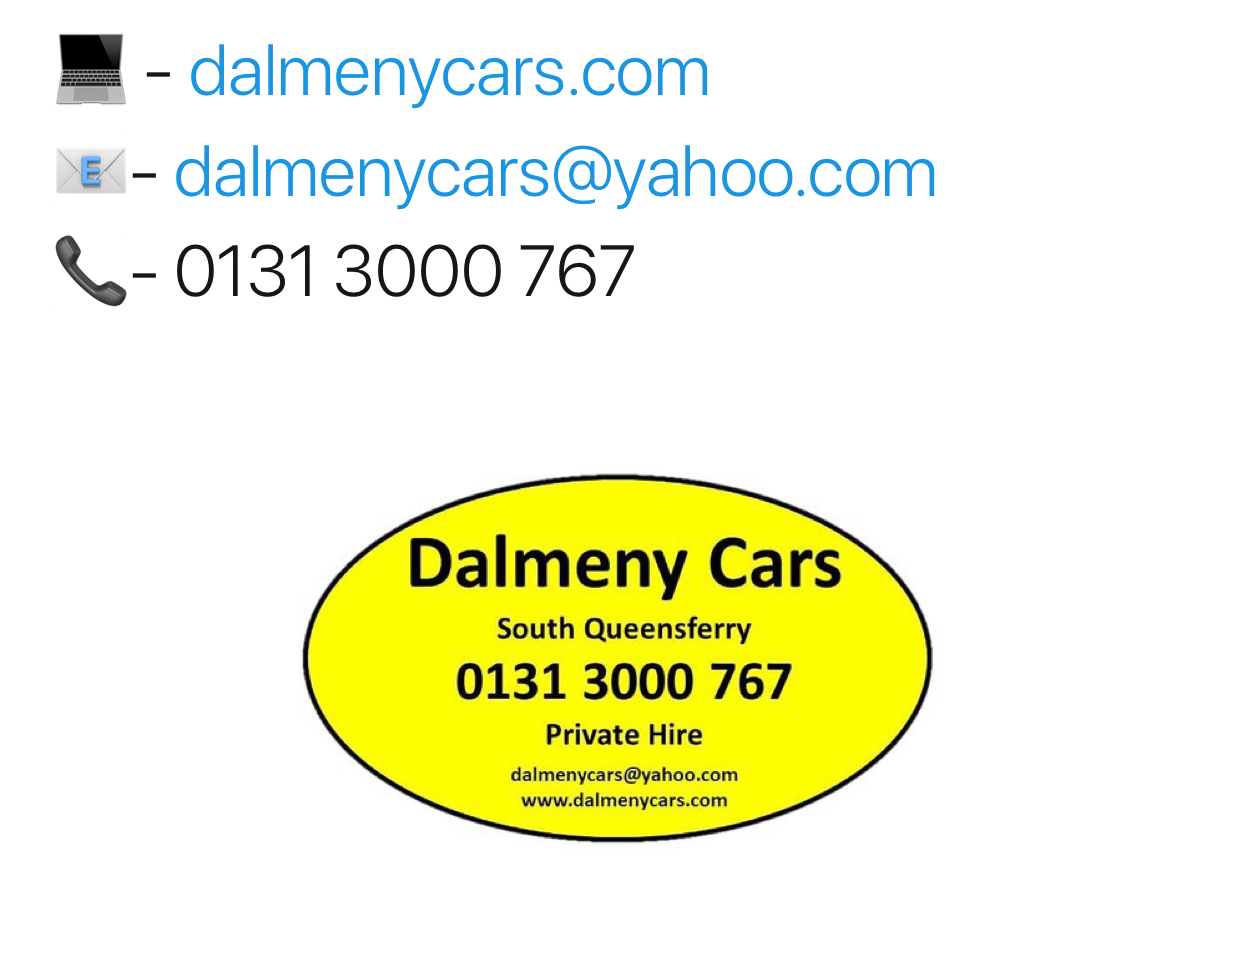 Dalmeny Cars